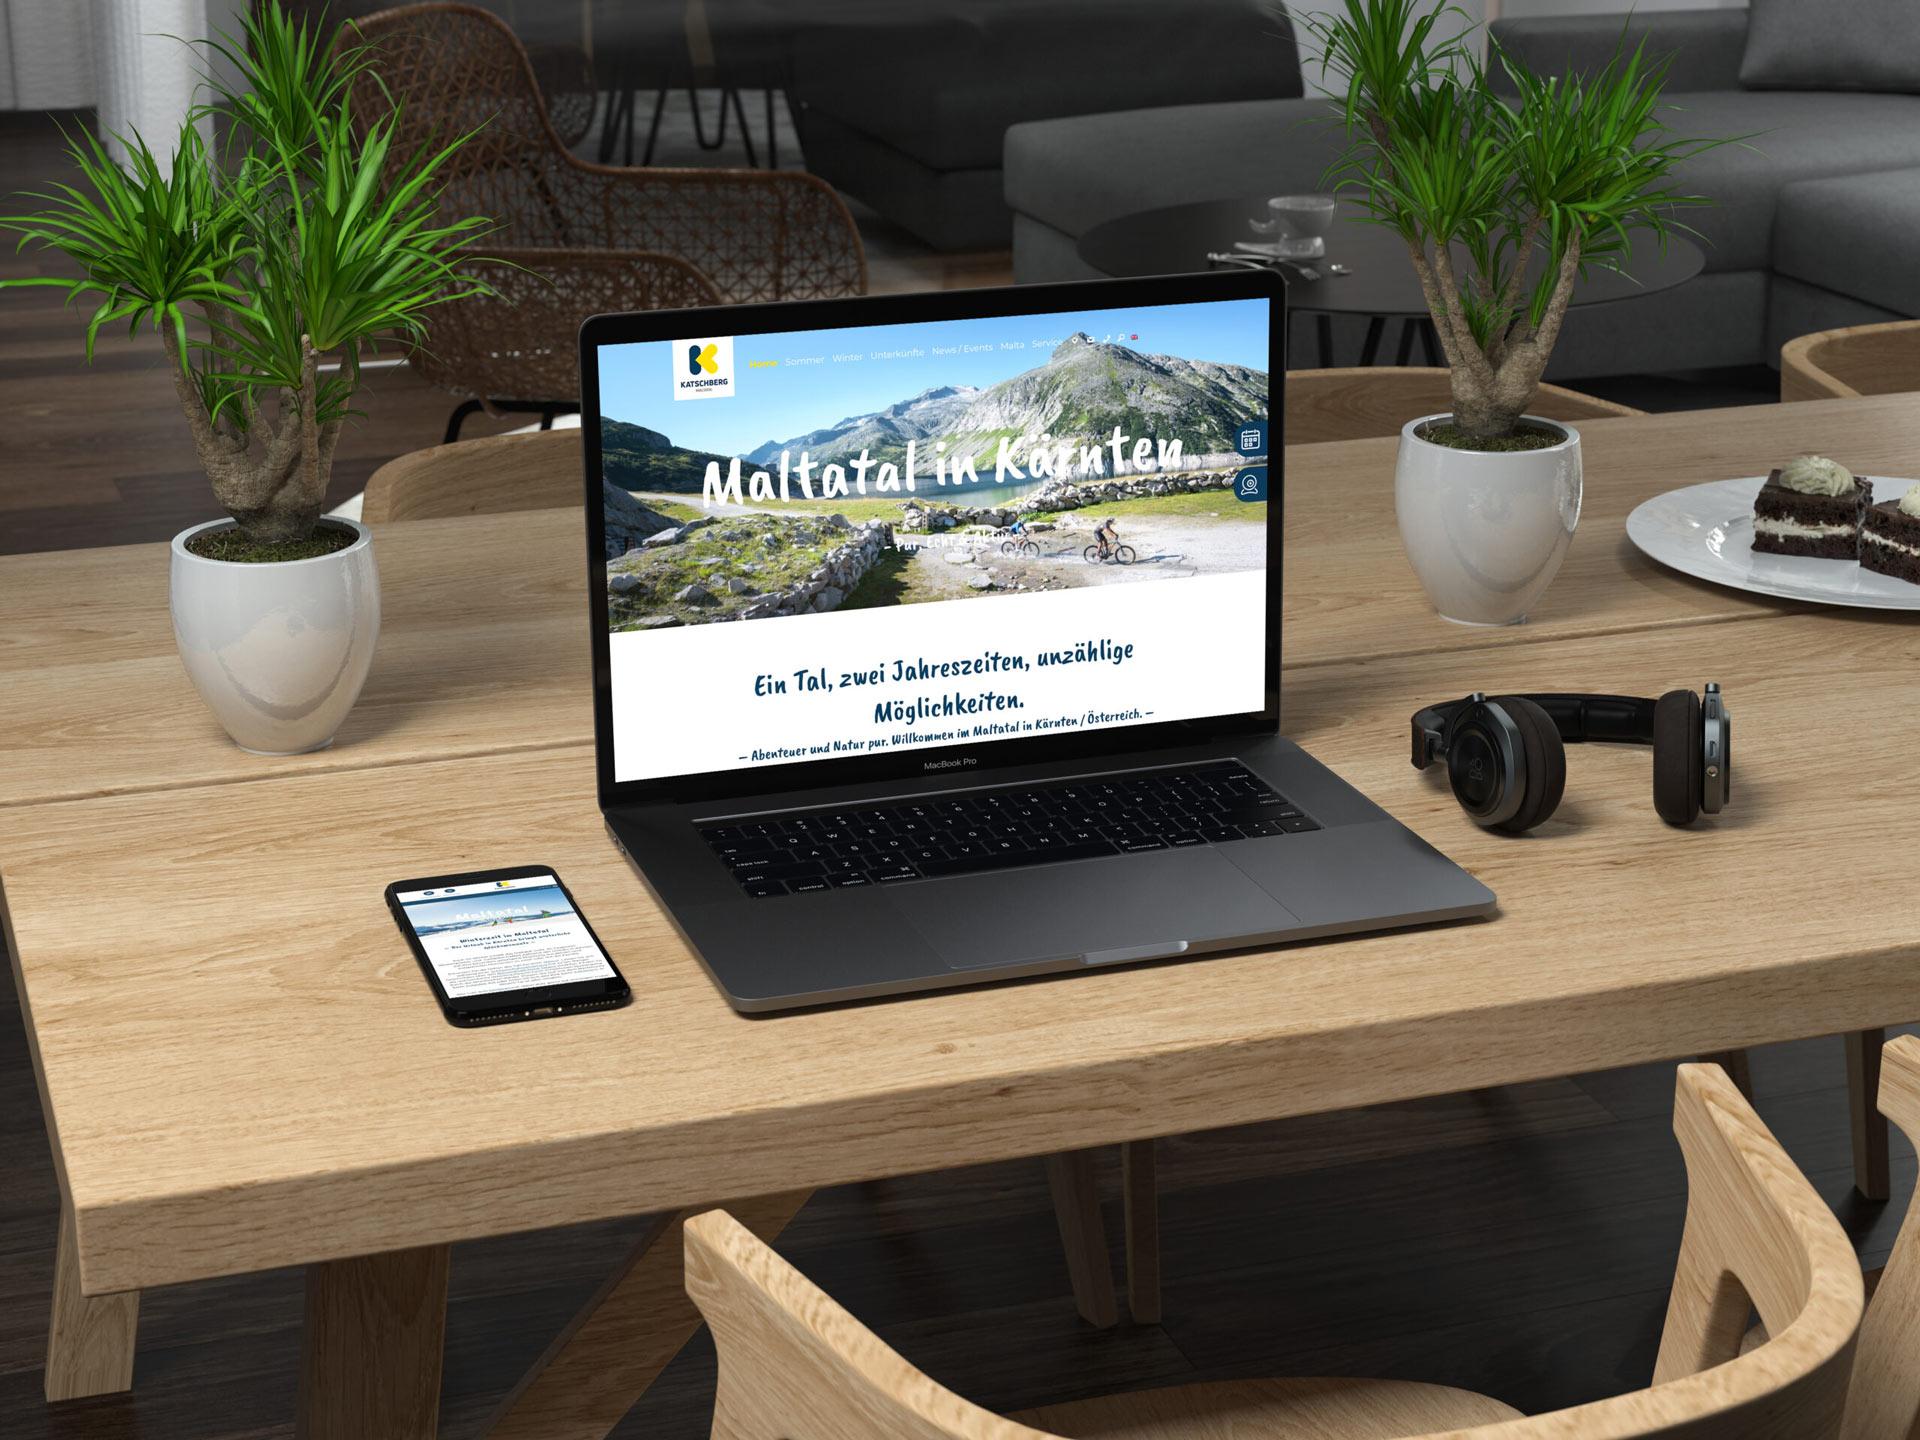 Tourismusverband Maltatal Website by Doppelpack Werbeagentur